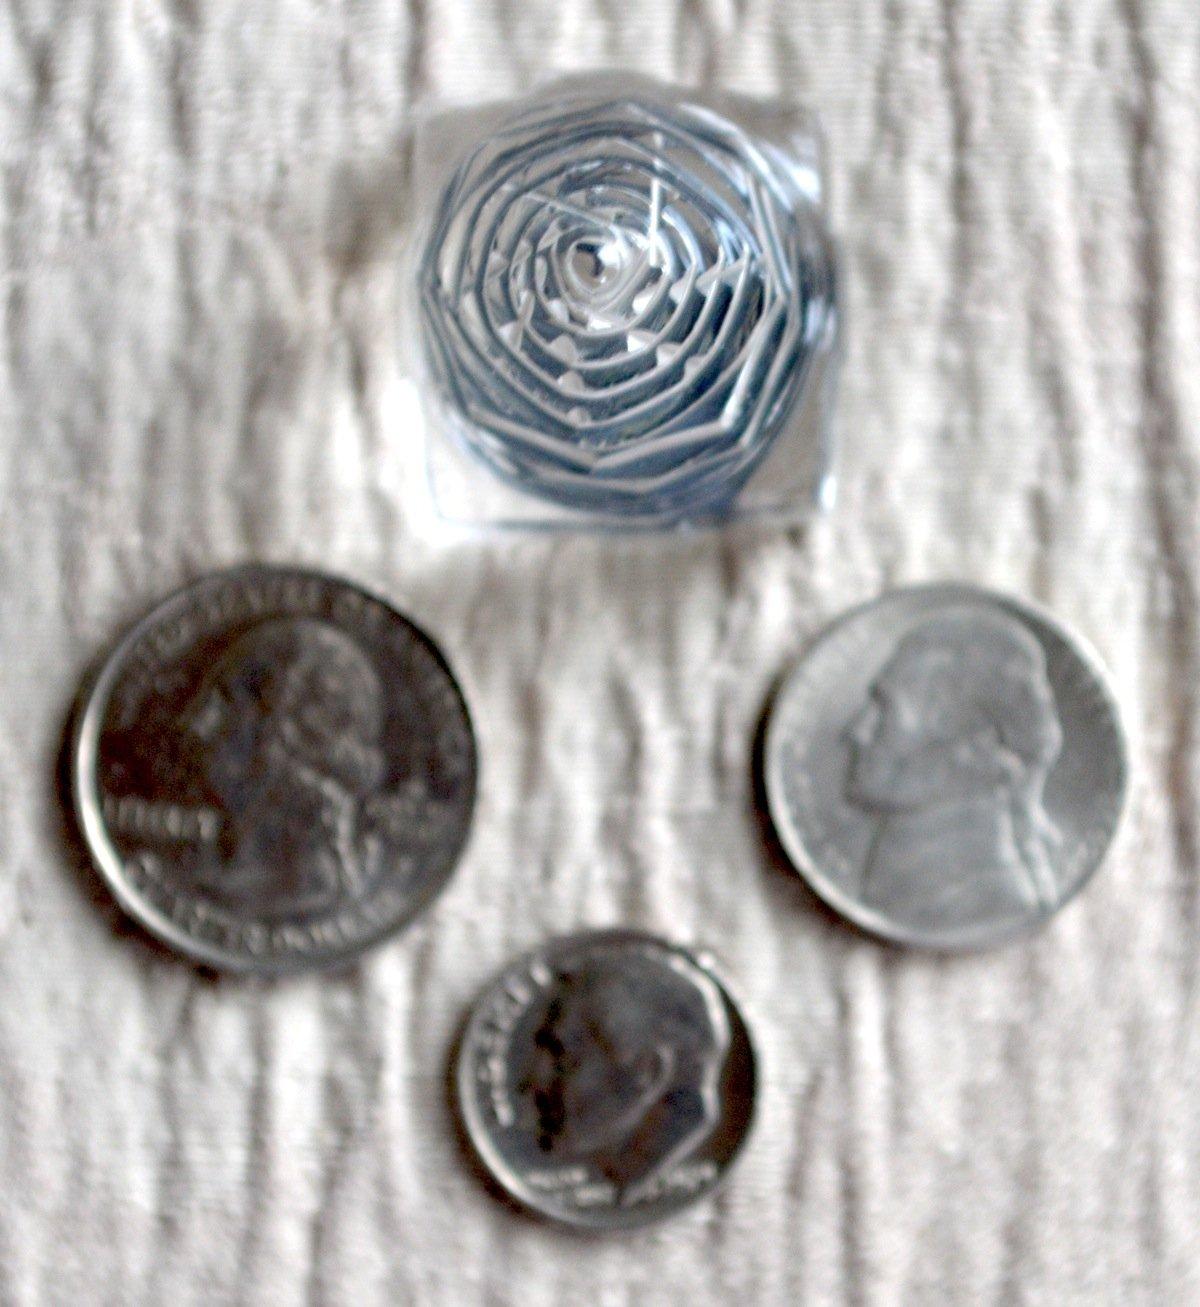 corregir Vaastu Doshas Gran Riqueza y prosperidad Sri Yantra cristal cuarzo Shree yantra-blessed /& energ/ía para espiritual Poderes desequilibrios